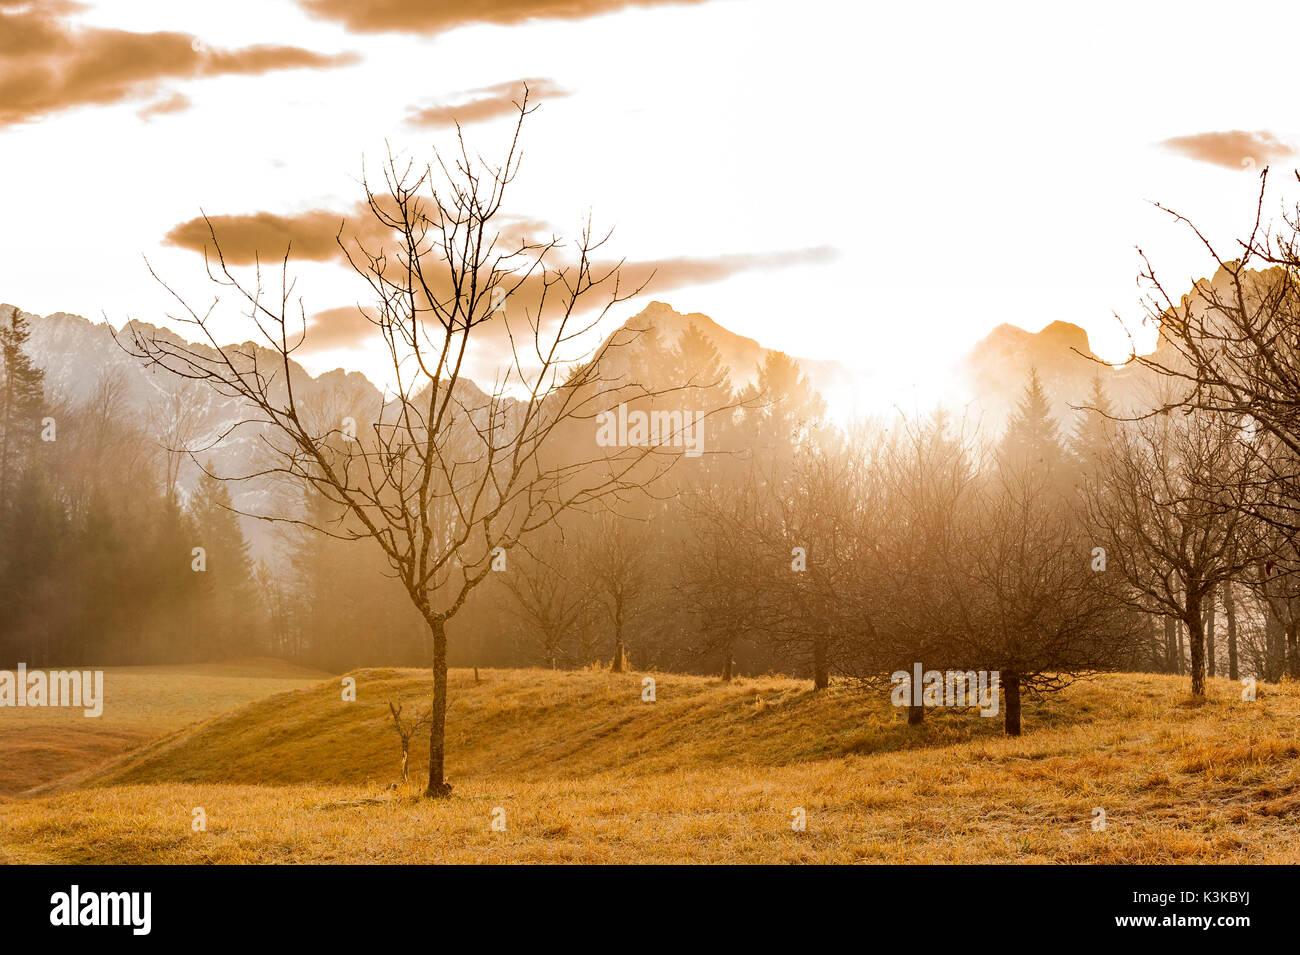 Unico albero di un frutteto prato in violenti indietro luce del tramonto sulle Karwendelgebirge (montagne) con la nebbia. Immagini Stock